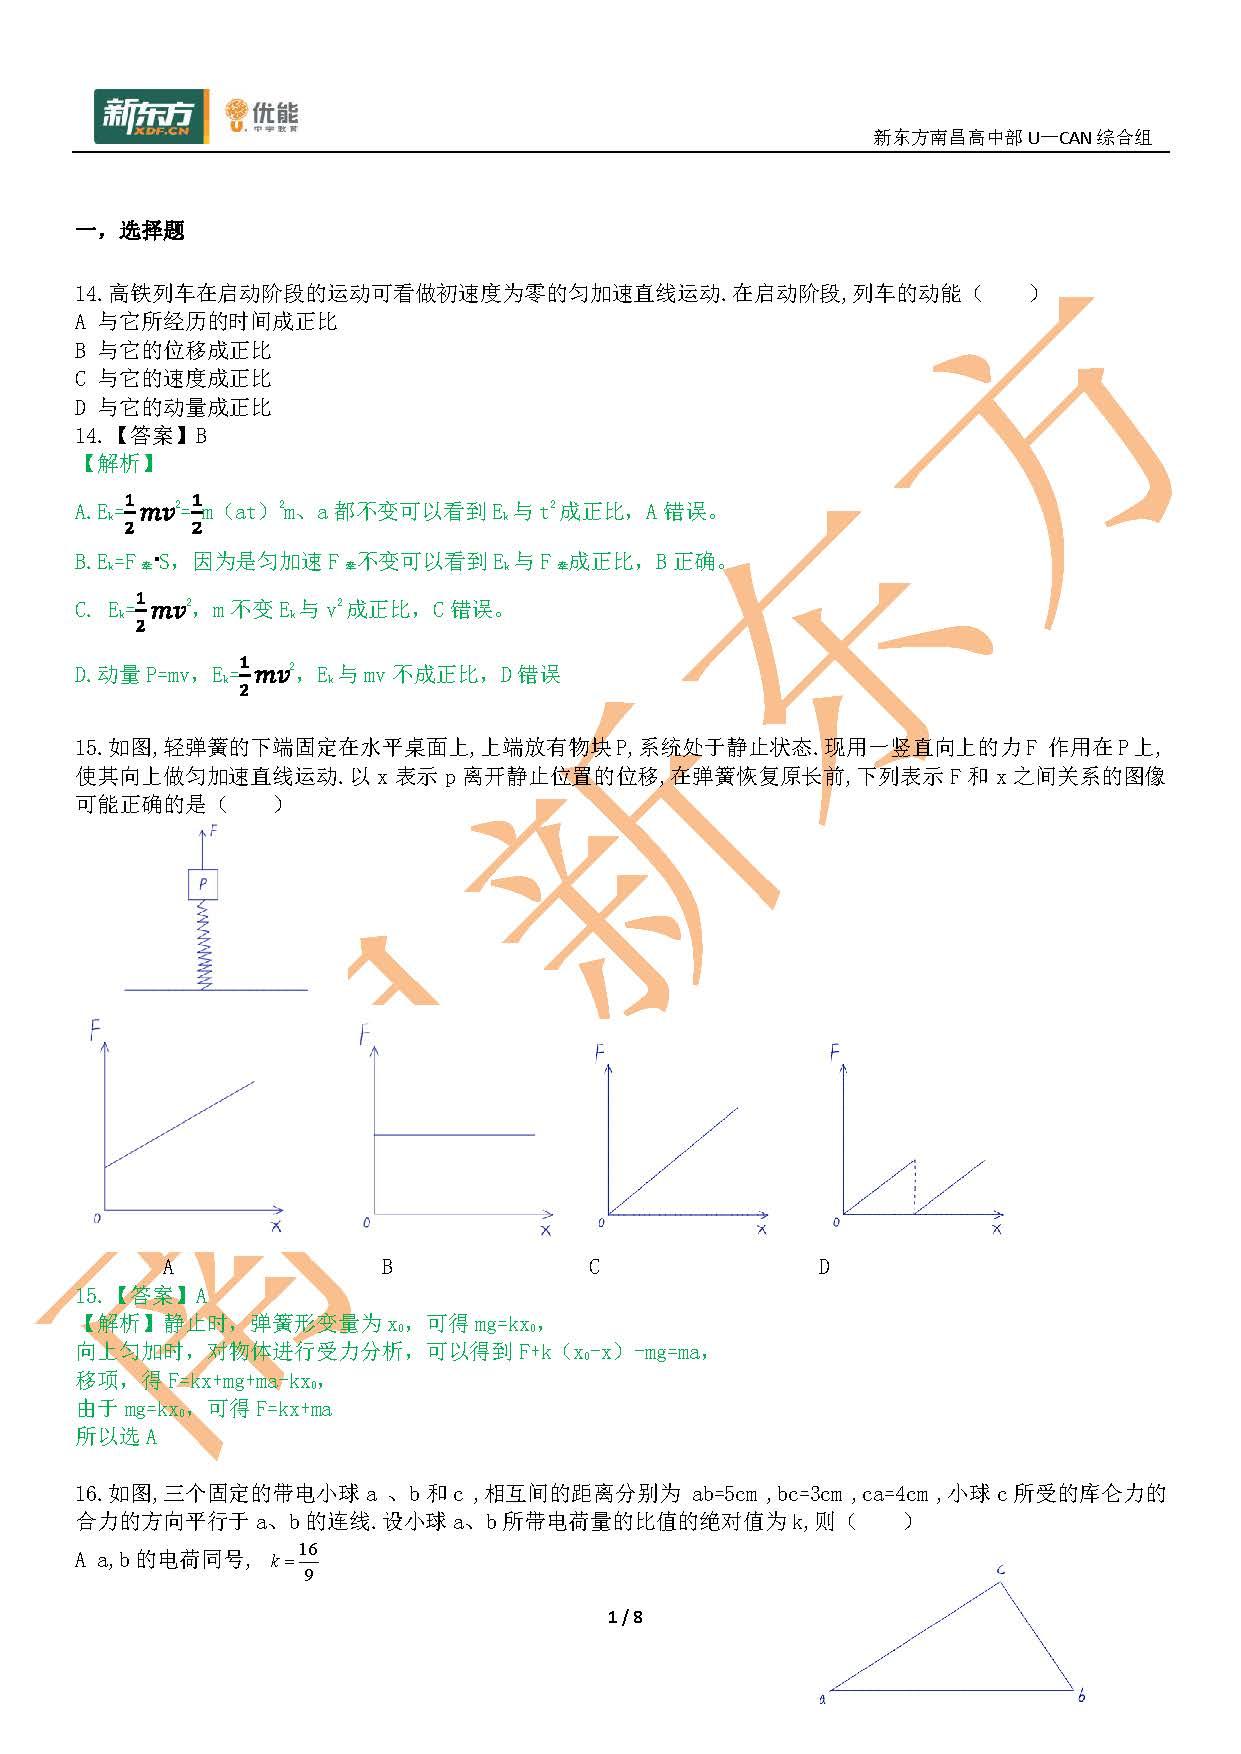 2018全国卷1高考物理试题(南昌新东方)